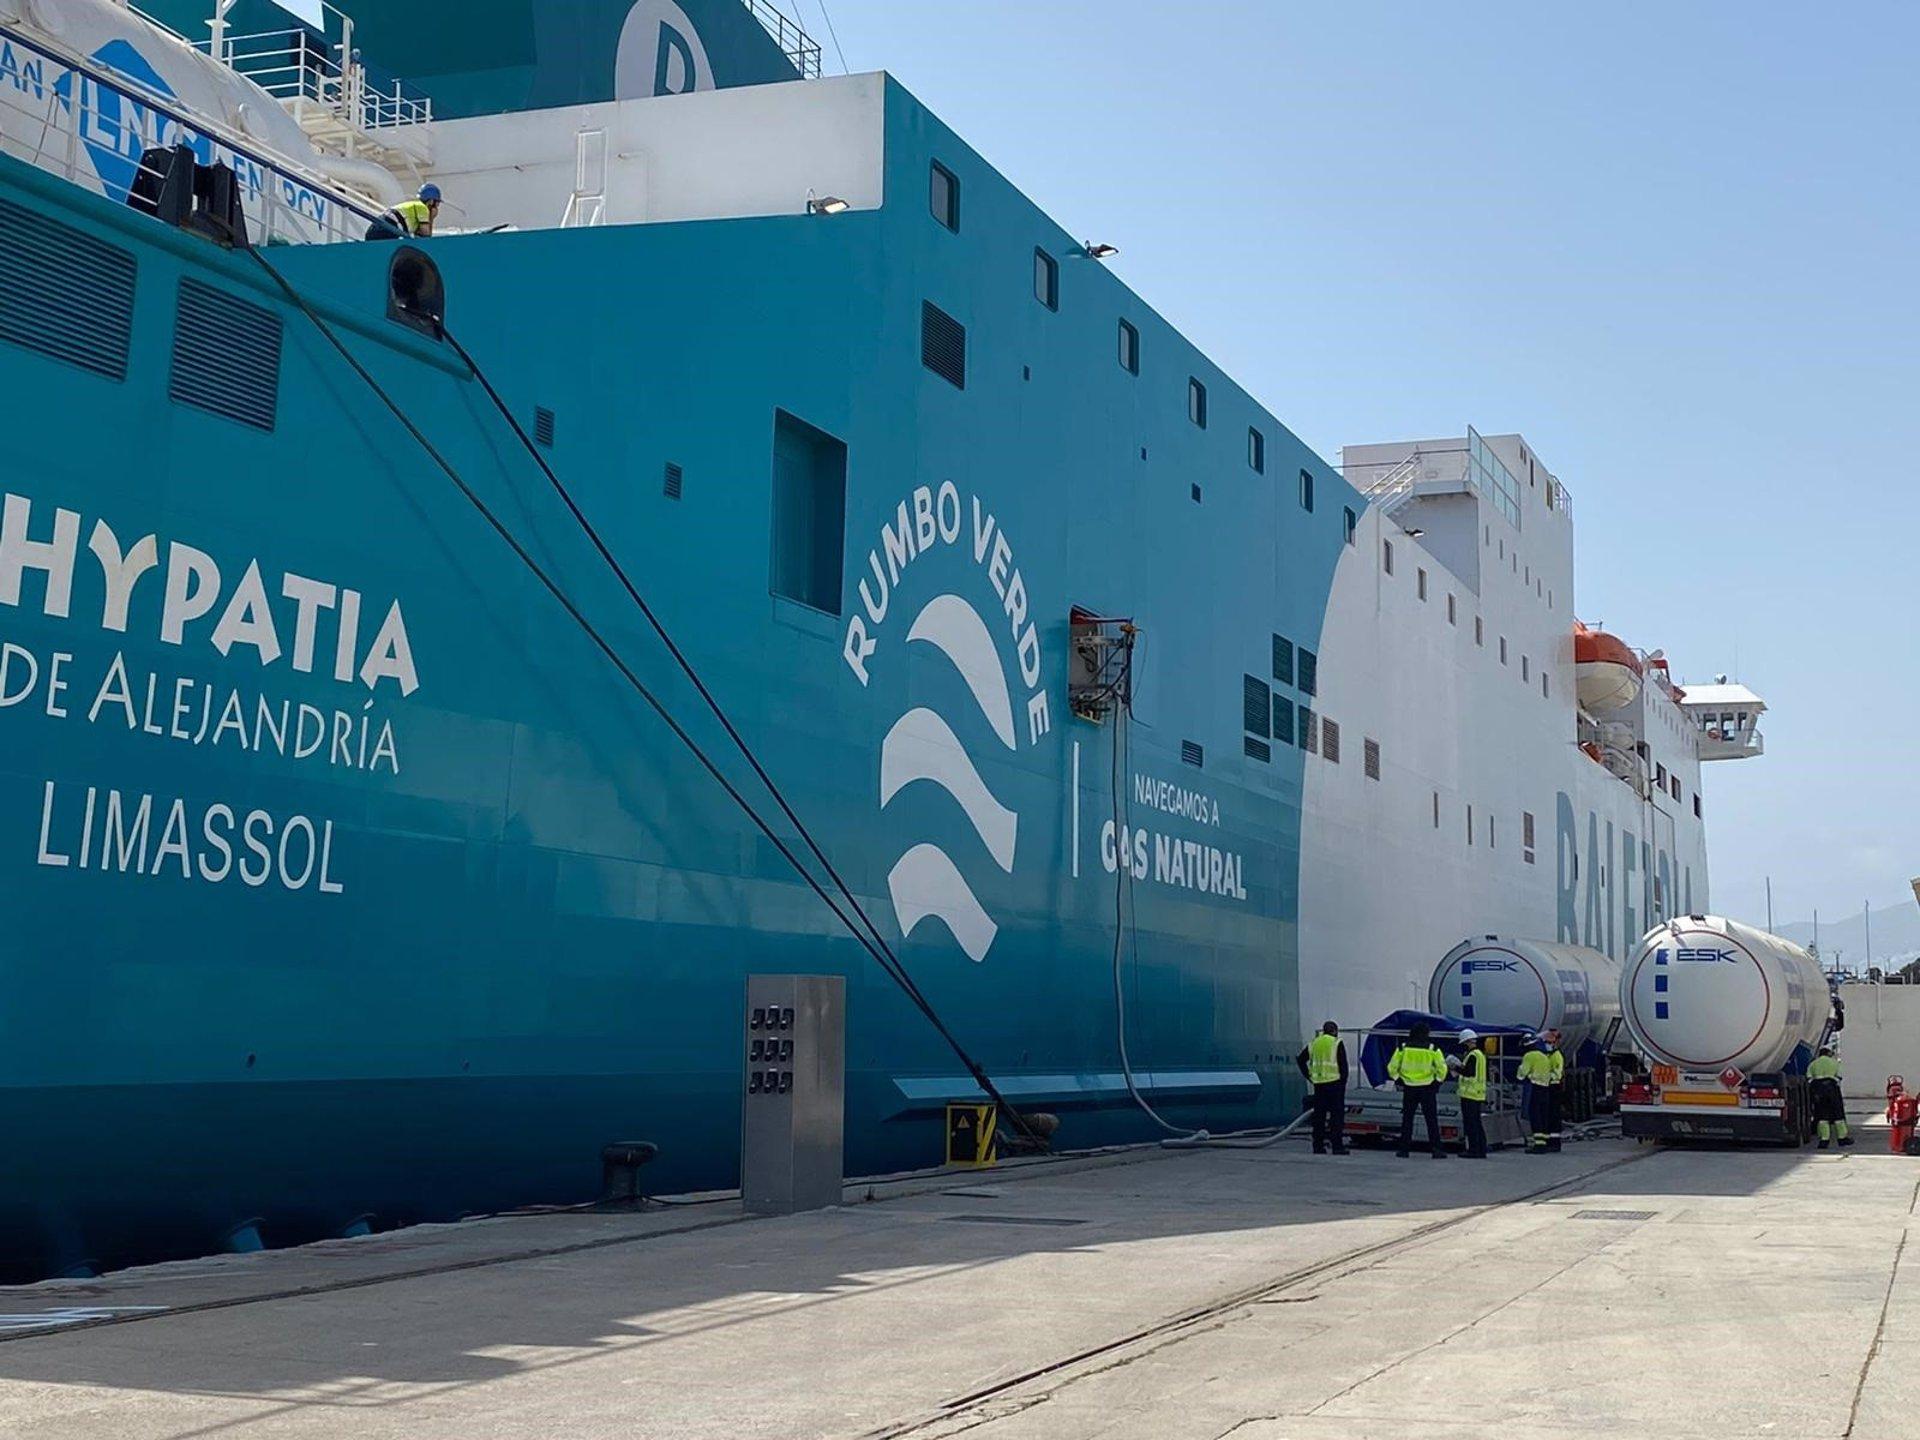 El puerto mejora su estrategia medioambiental con el suministro de Gas Natural Licuado en sus muelles